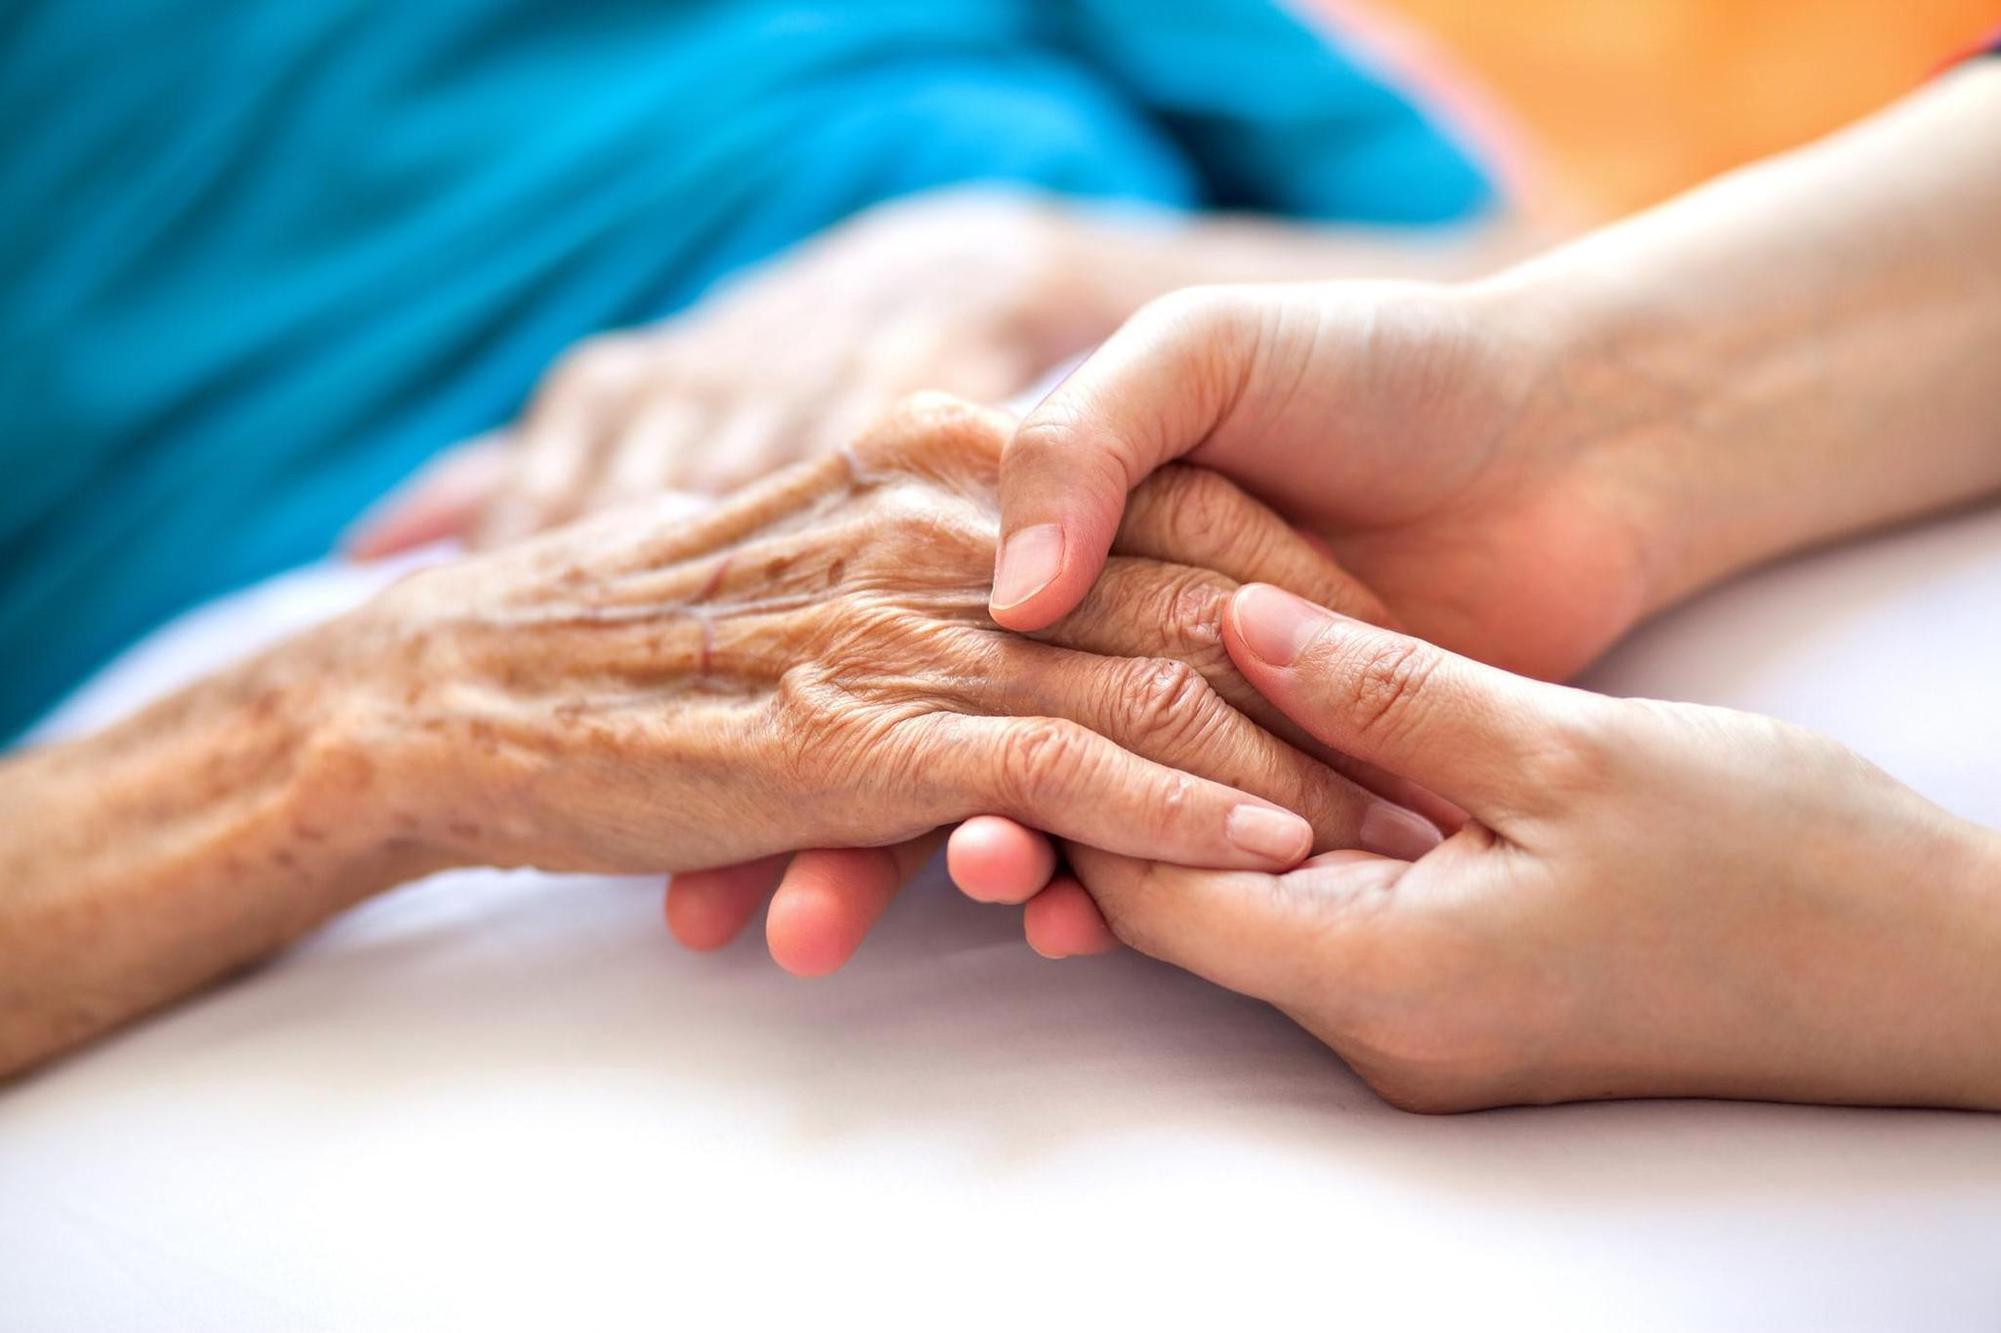 Nowoczesna opieka nad osobami starszymi